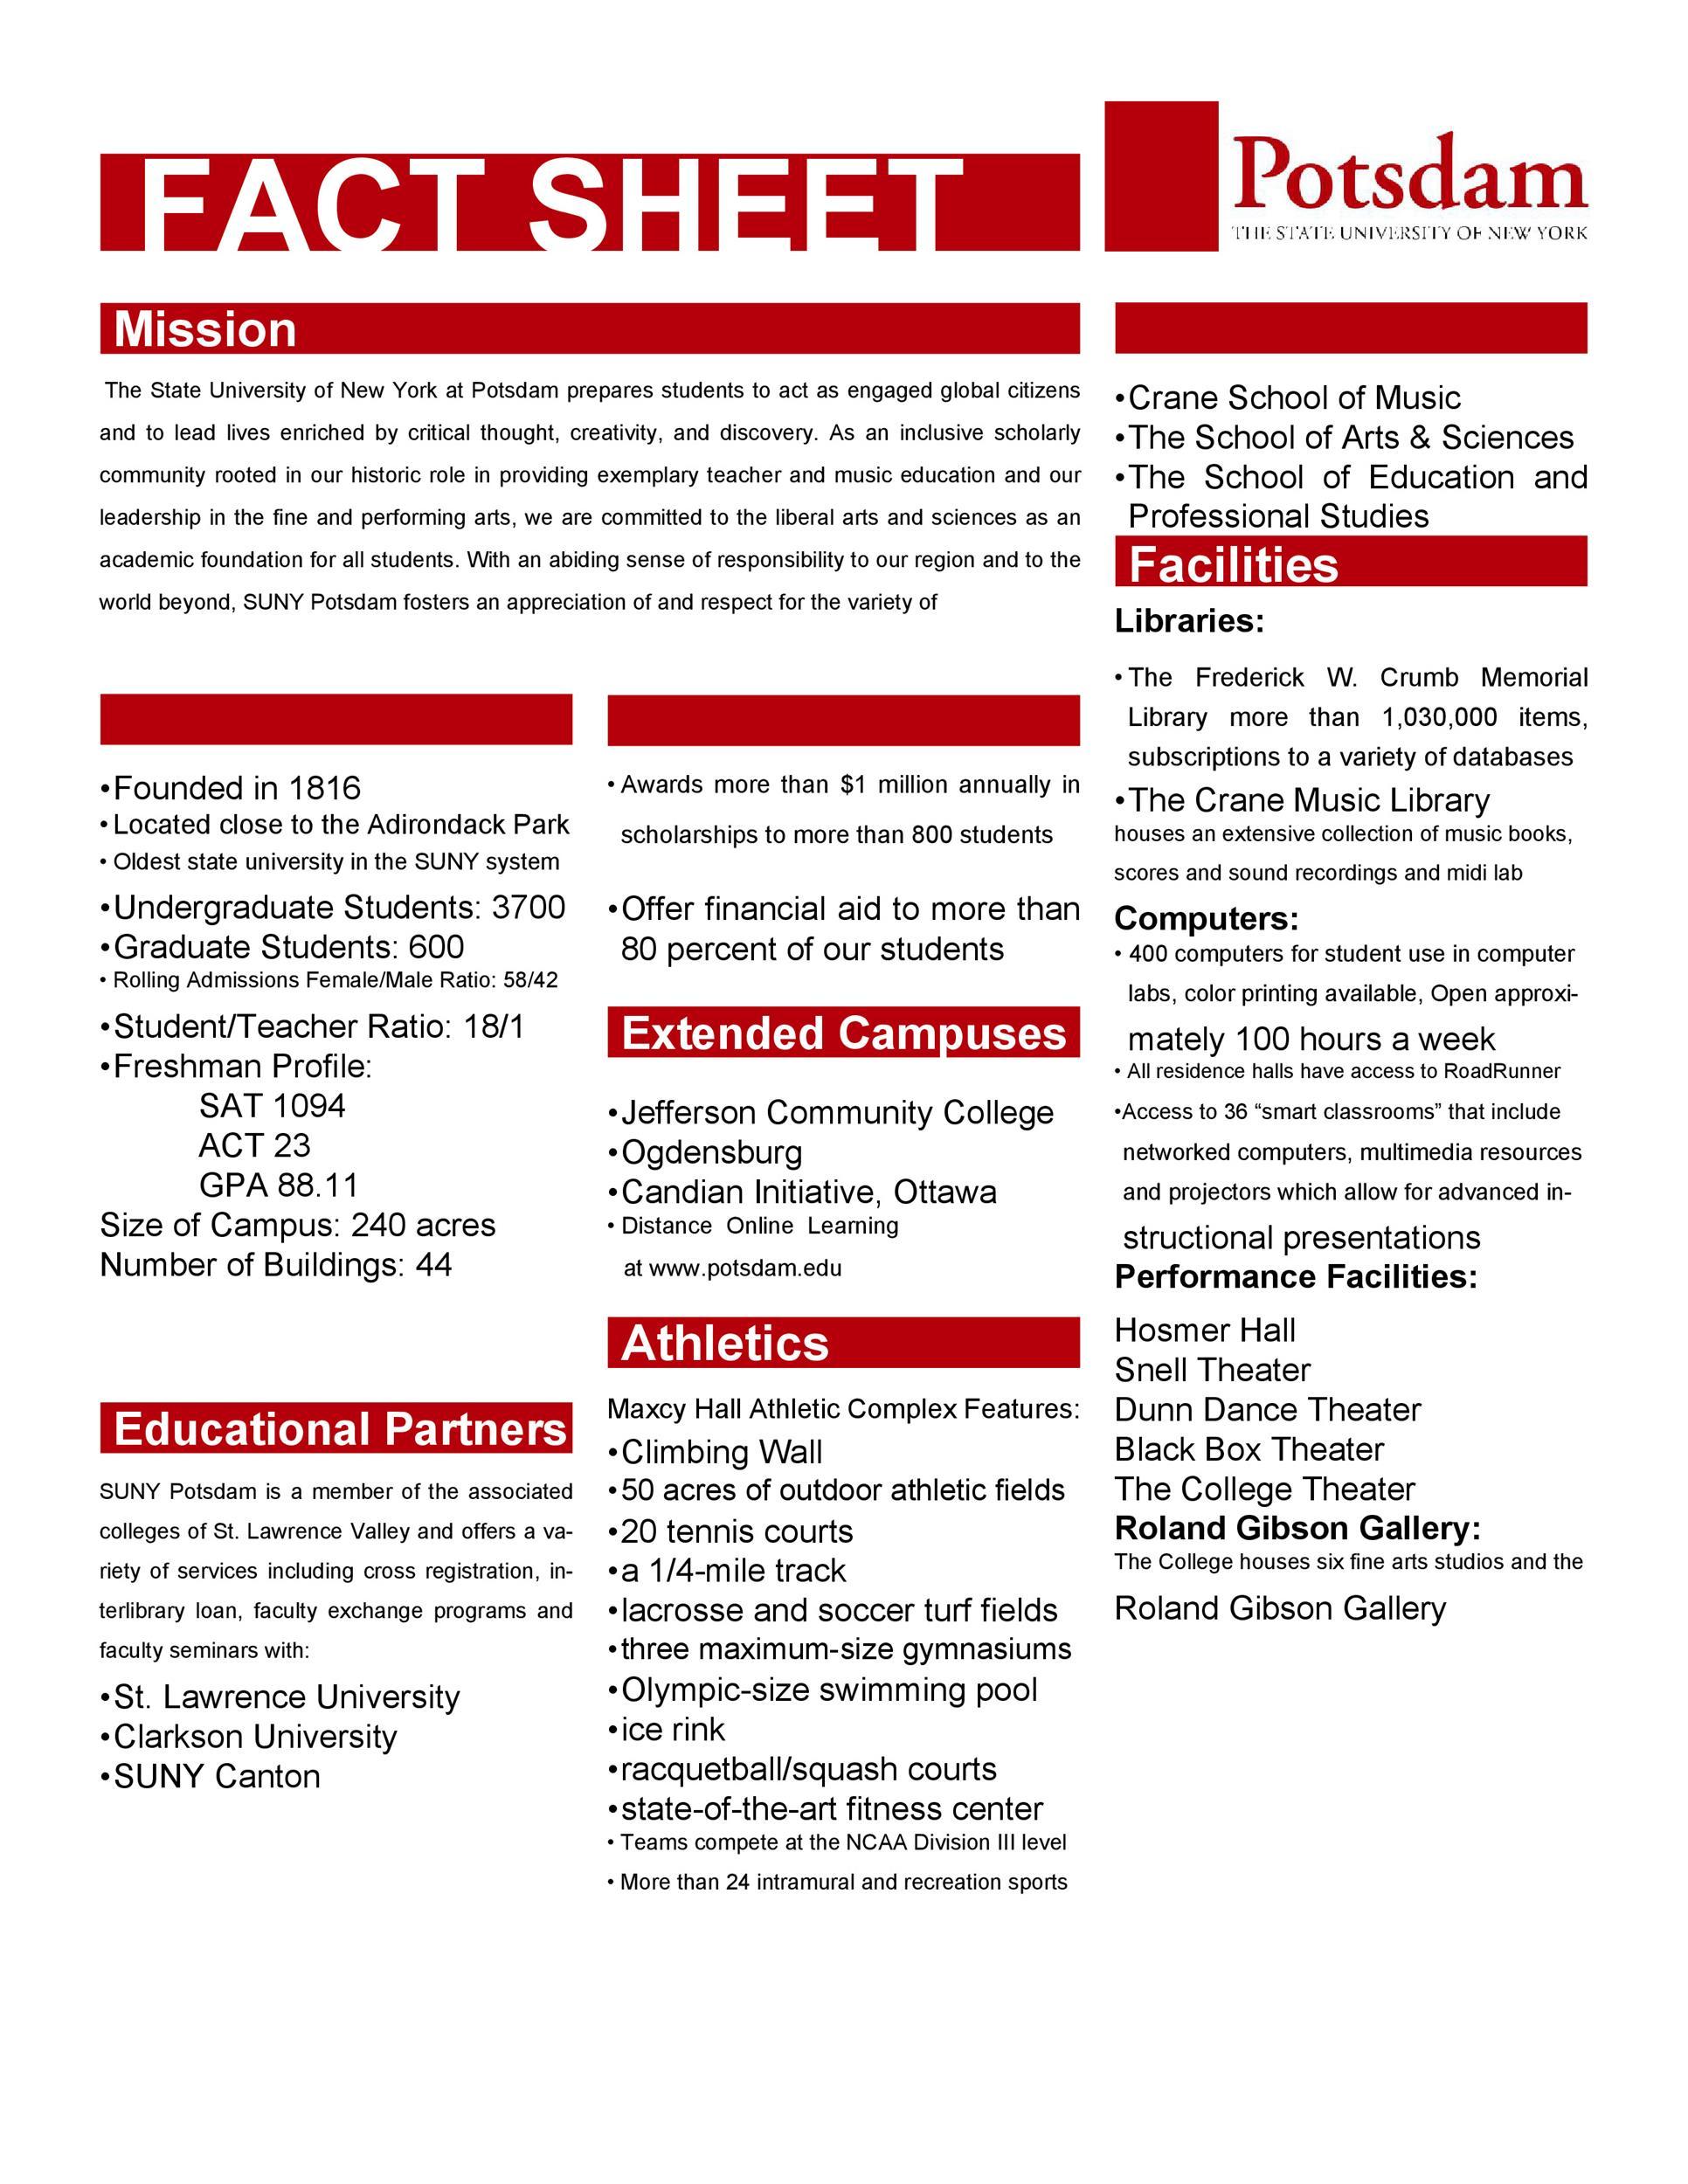 Fact Sheet Templates